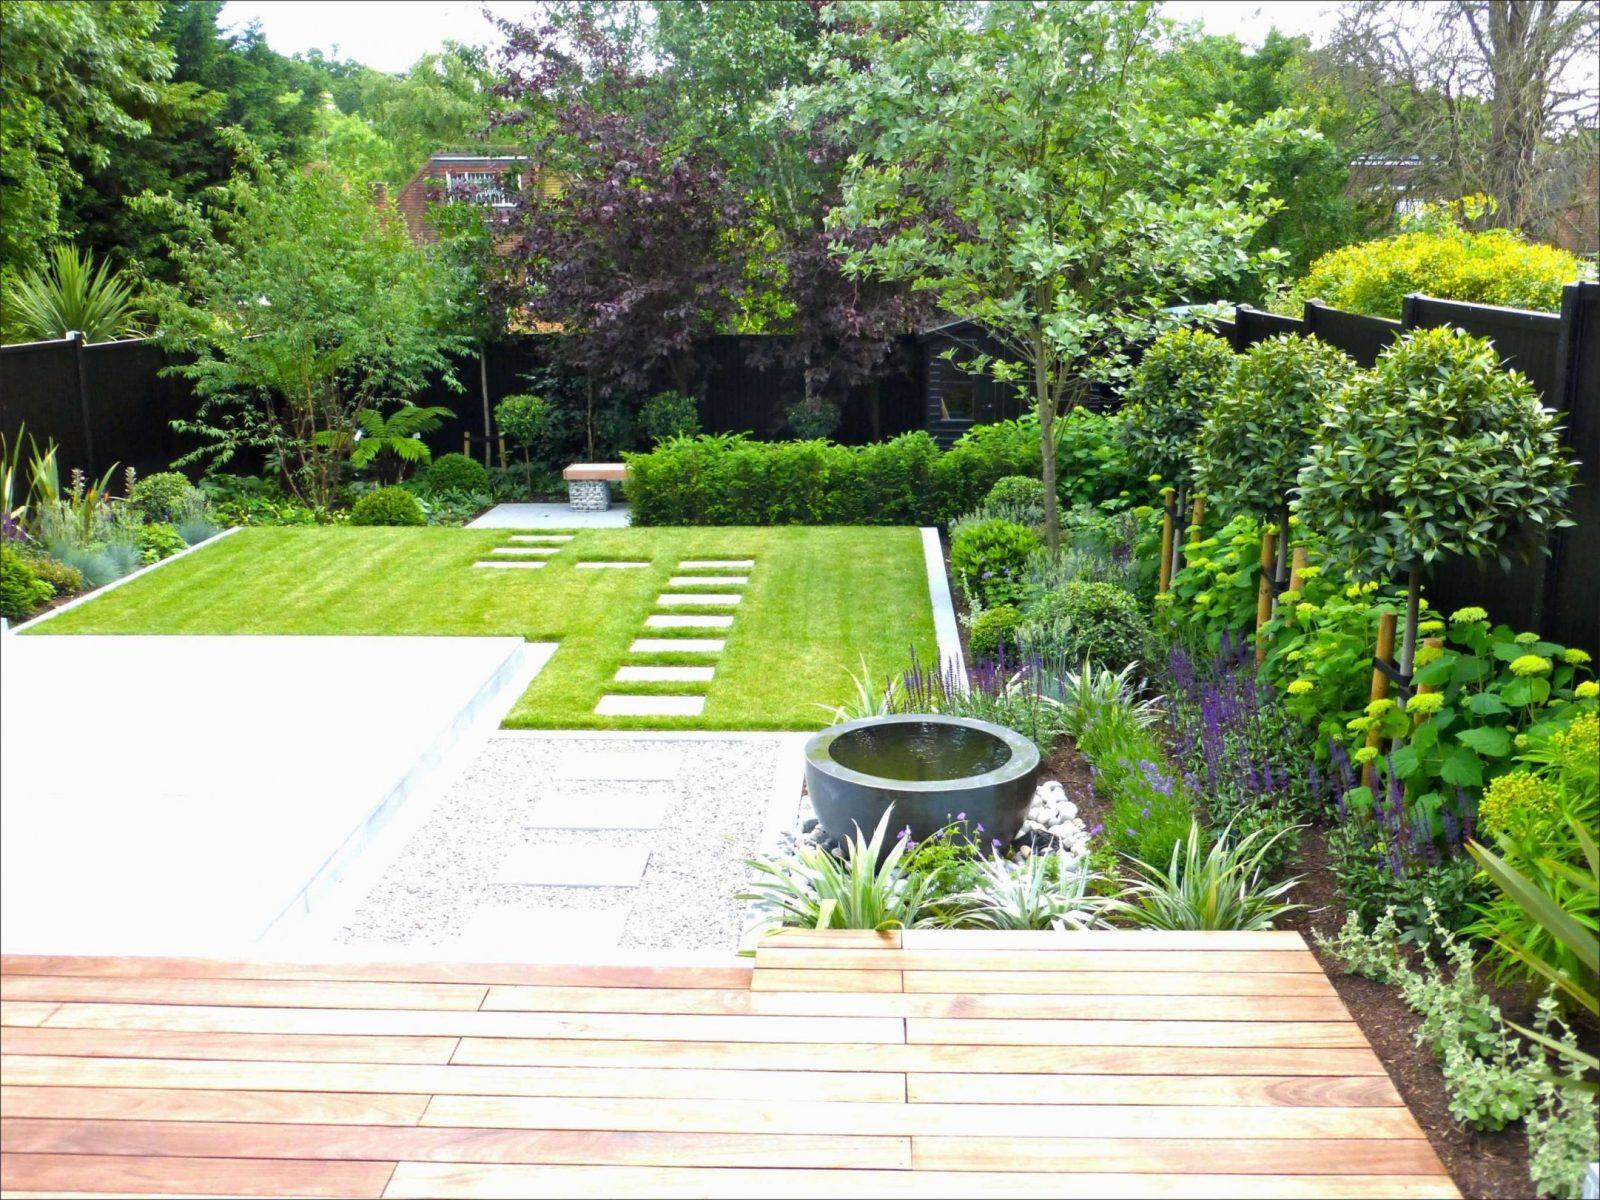 Garten Sitzecke Genial Kleine Sitzecke Im Garten  Garten Gallerie von Kleine Sitzecke Im Garten Bild